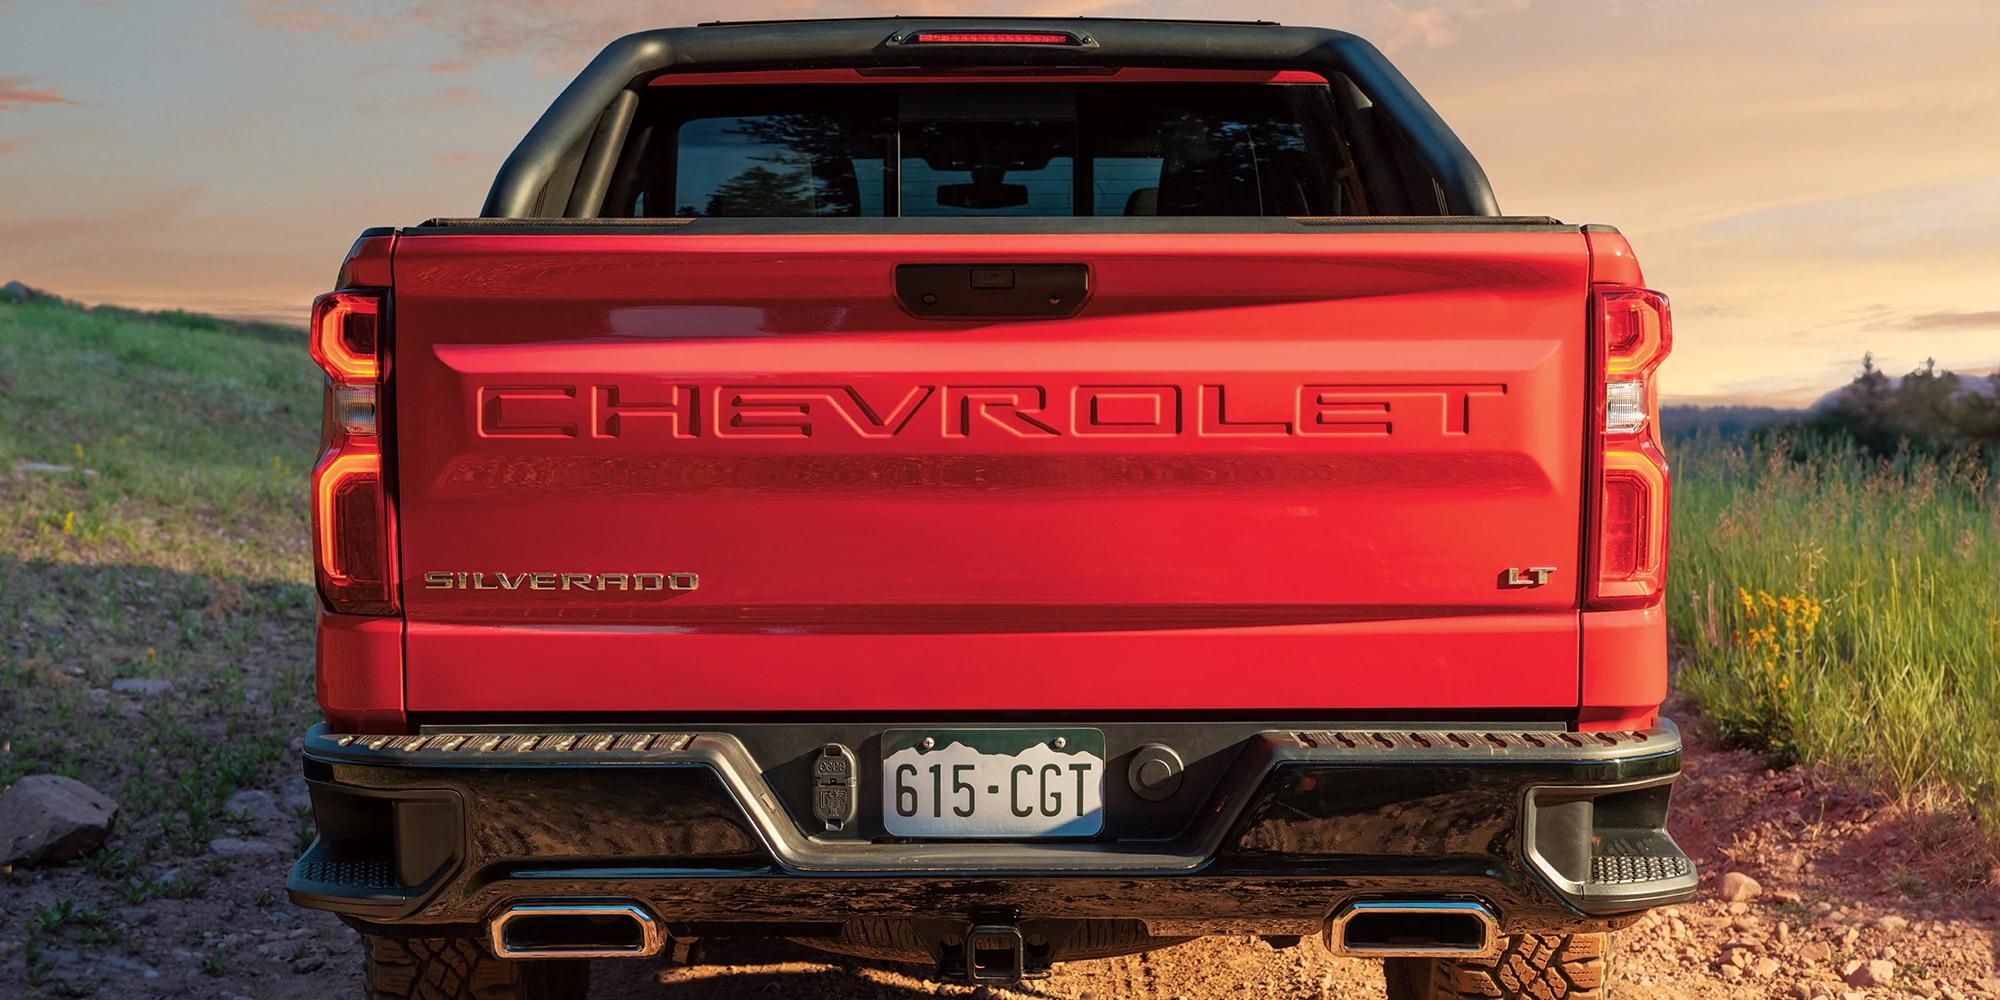 Chevy Silverado 1500 LT Trail Boss 2019 de cabina extendida y caja corta color Rojo Fuego